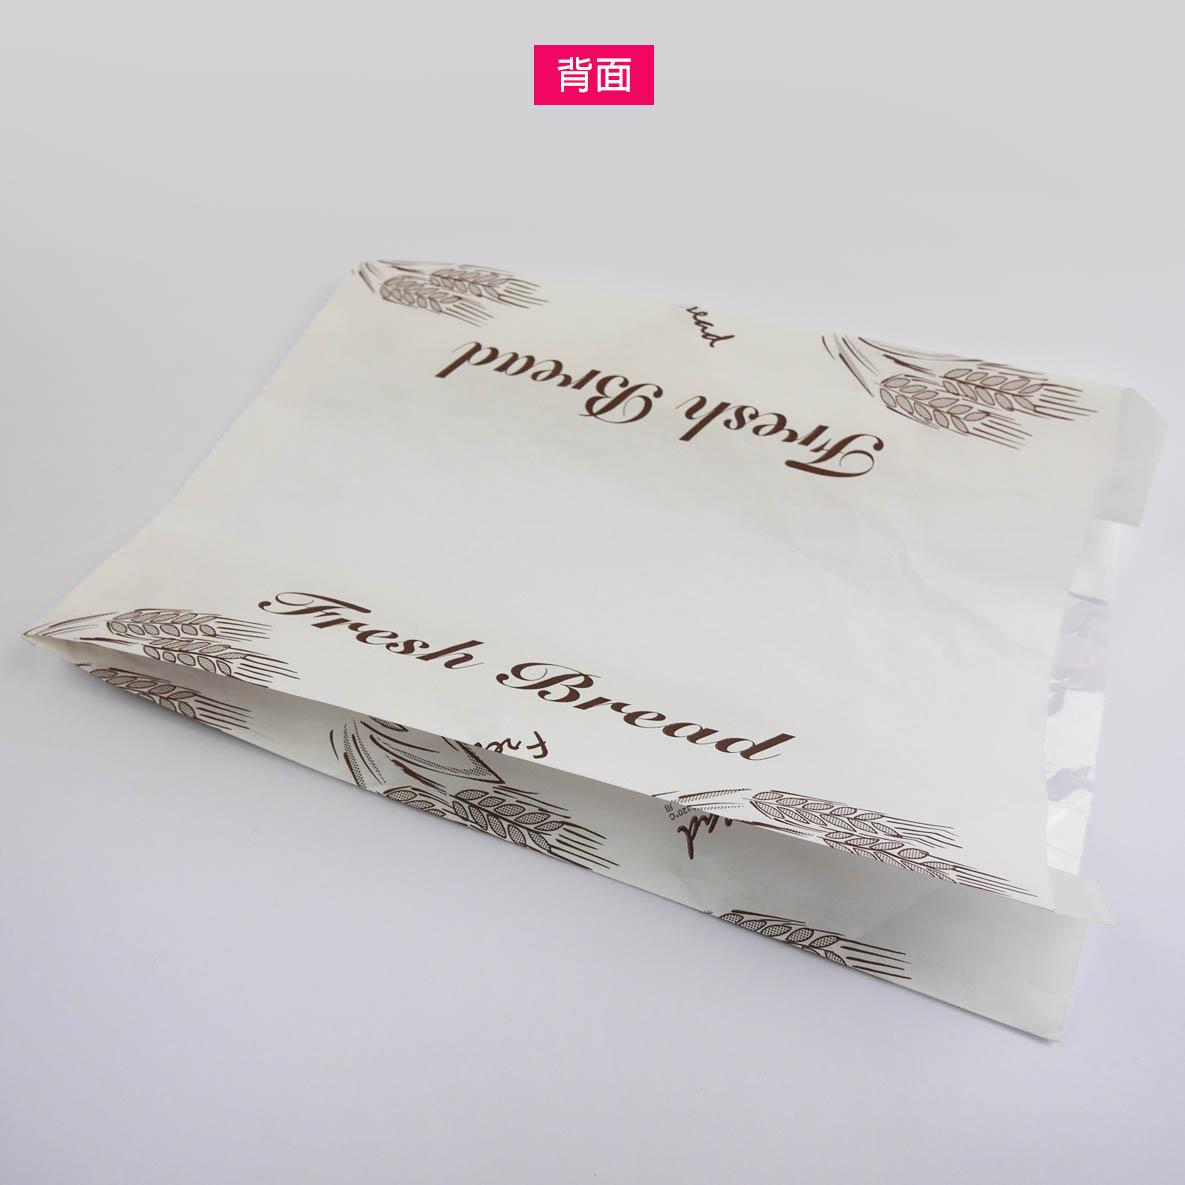 《袋袋相傳》A7 烘焙包裝-麥穗麵包開窗大袋2.jpg